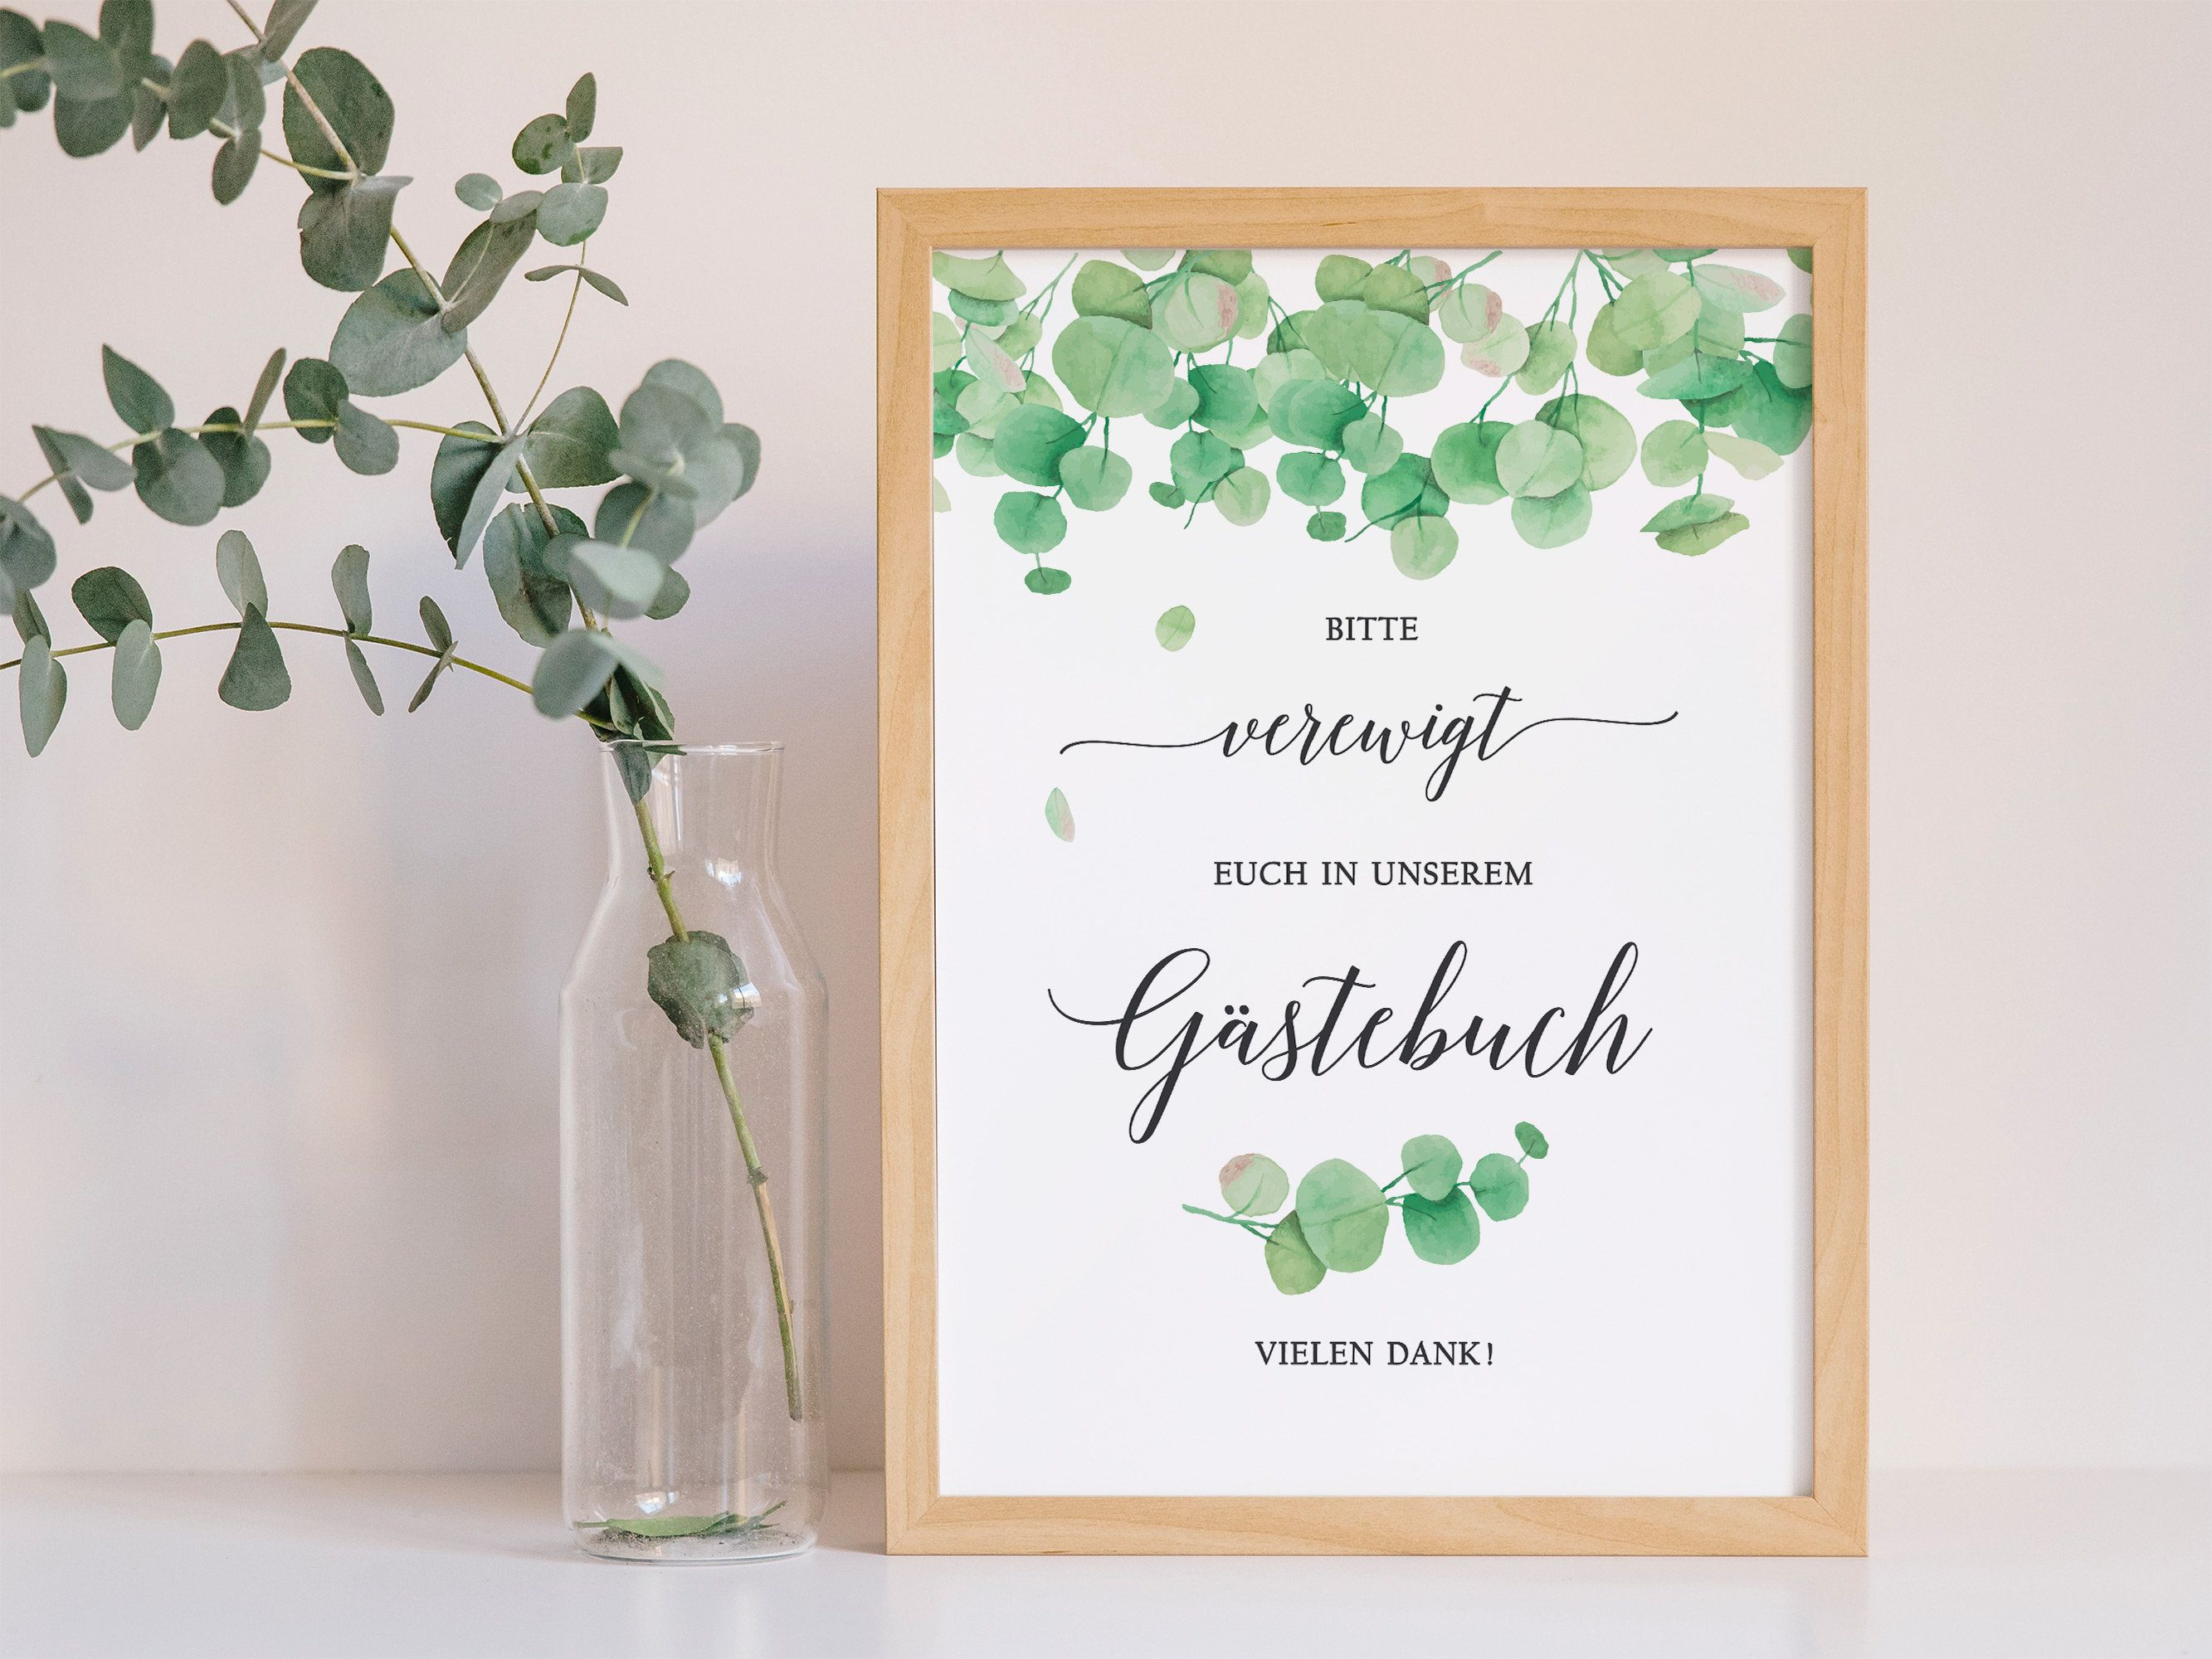 Hochzeit Gastebuch Schild Greenery Bitte Verewigt Euch Eukalyptus Grun Weiss Gold Vintage Hochzeitsgastebuch Ausdruck Gastebuch Hochzeit Hochzeitsschilder Gastebuch Schild